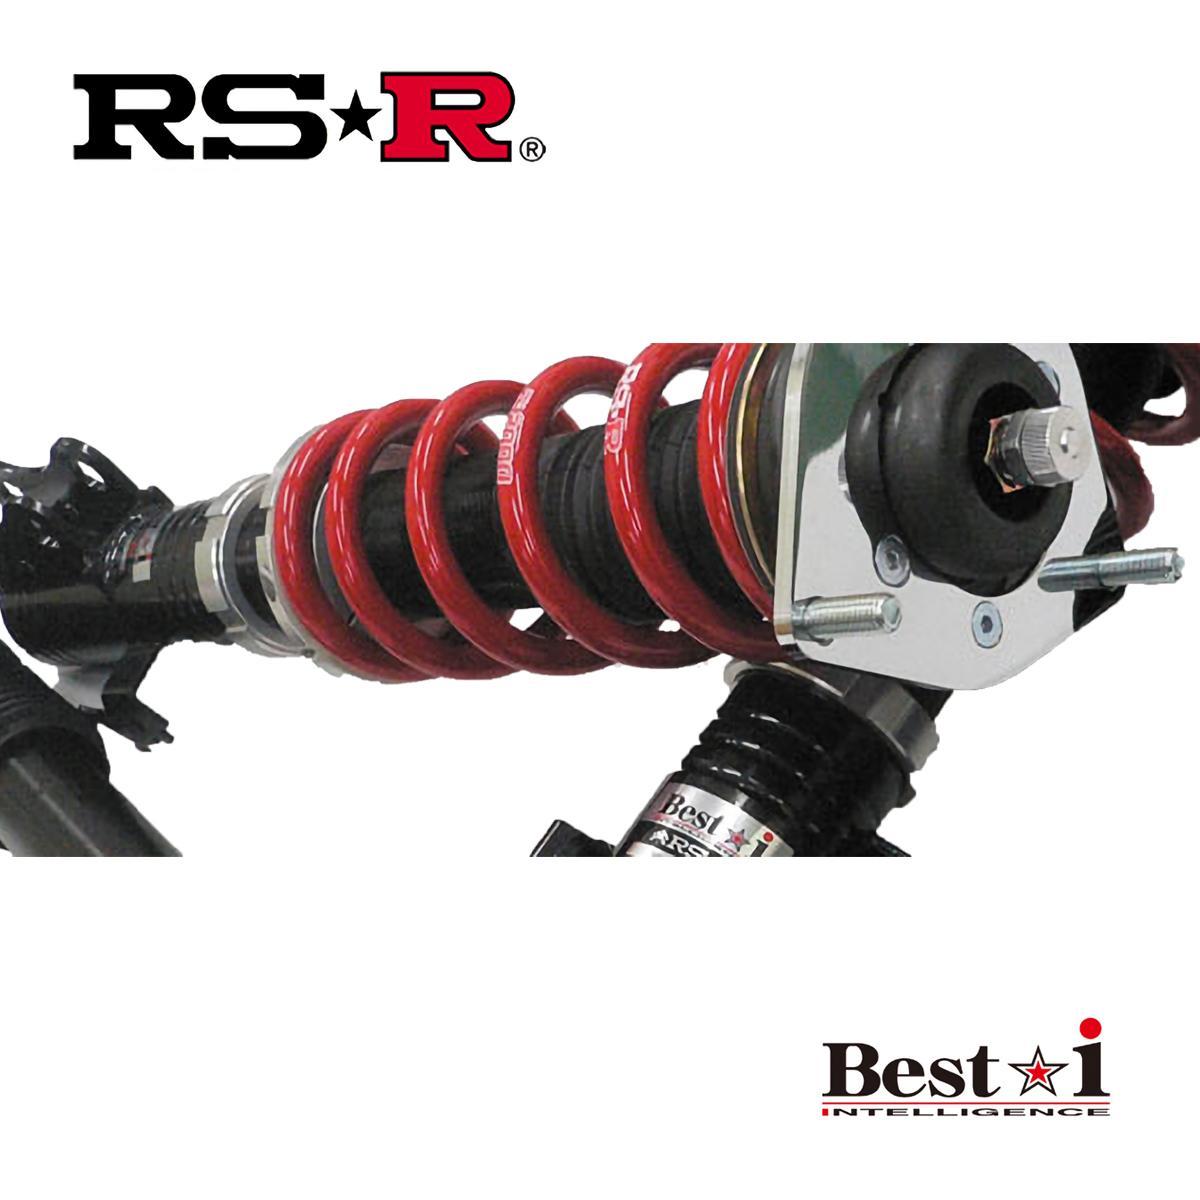 RS-R プリウス Aツーリングセレクション ZVW51 車高調 リア車高調整:ネジ式/推奨バネレート仕様 BIT582M ベストi RSR 個人宅発送追金有